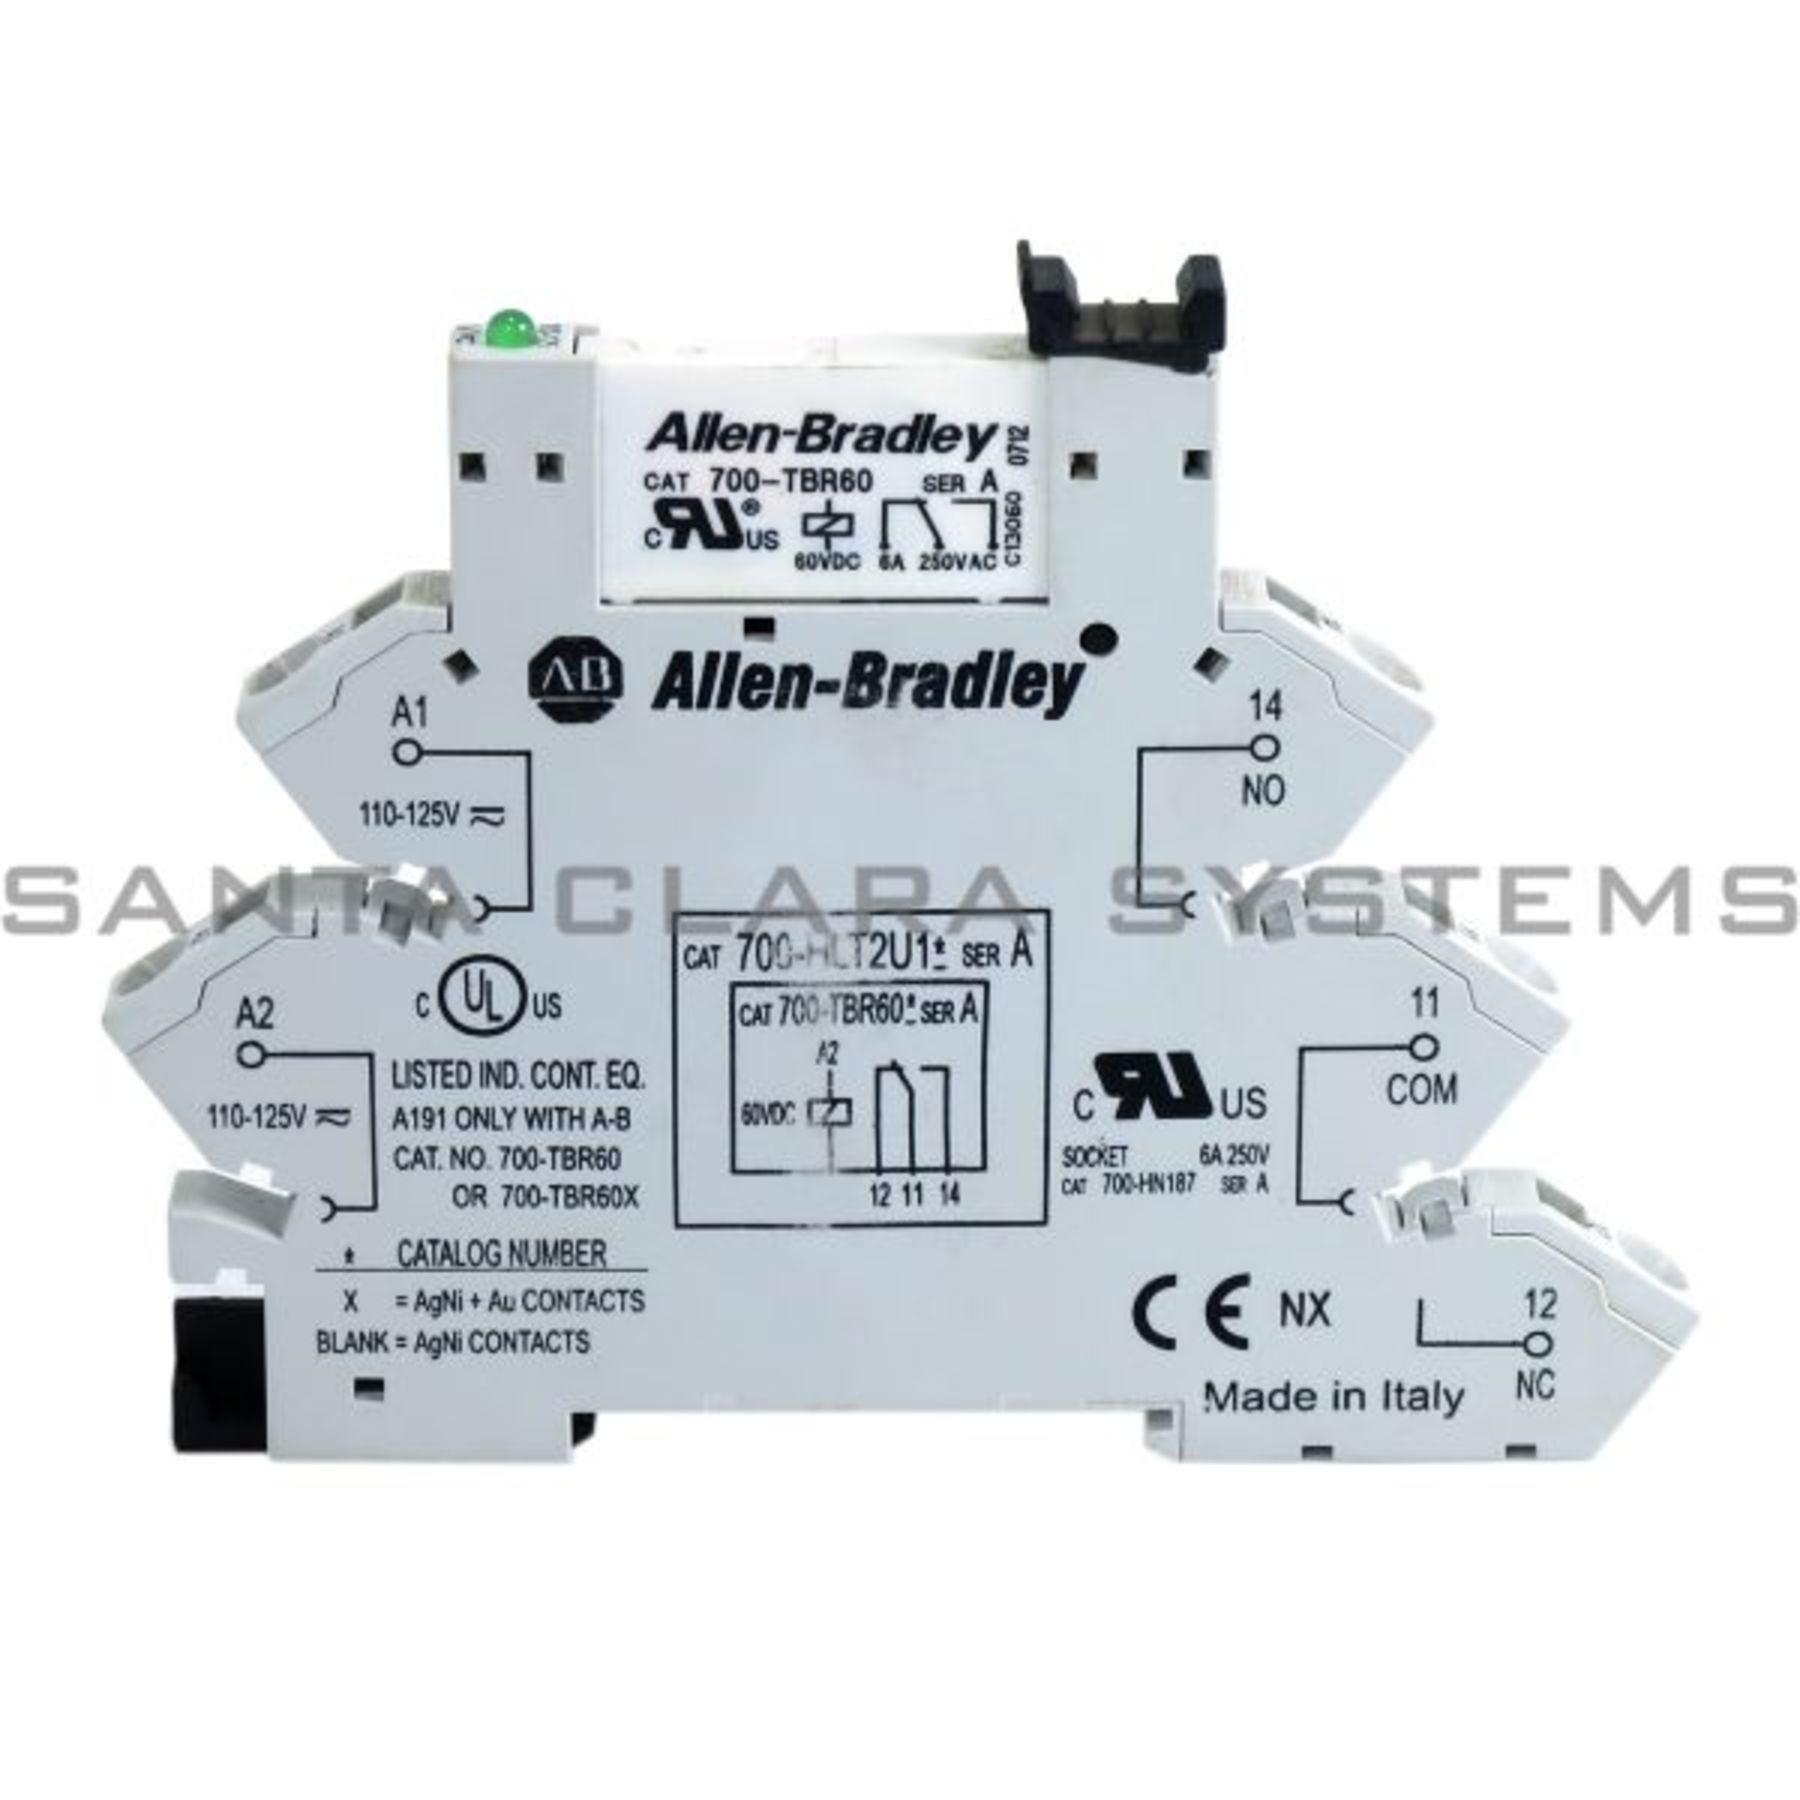 Allen Bradley 700 Relay Wiring Diagram Wiring Site Resource